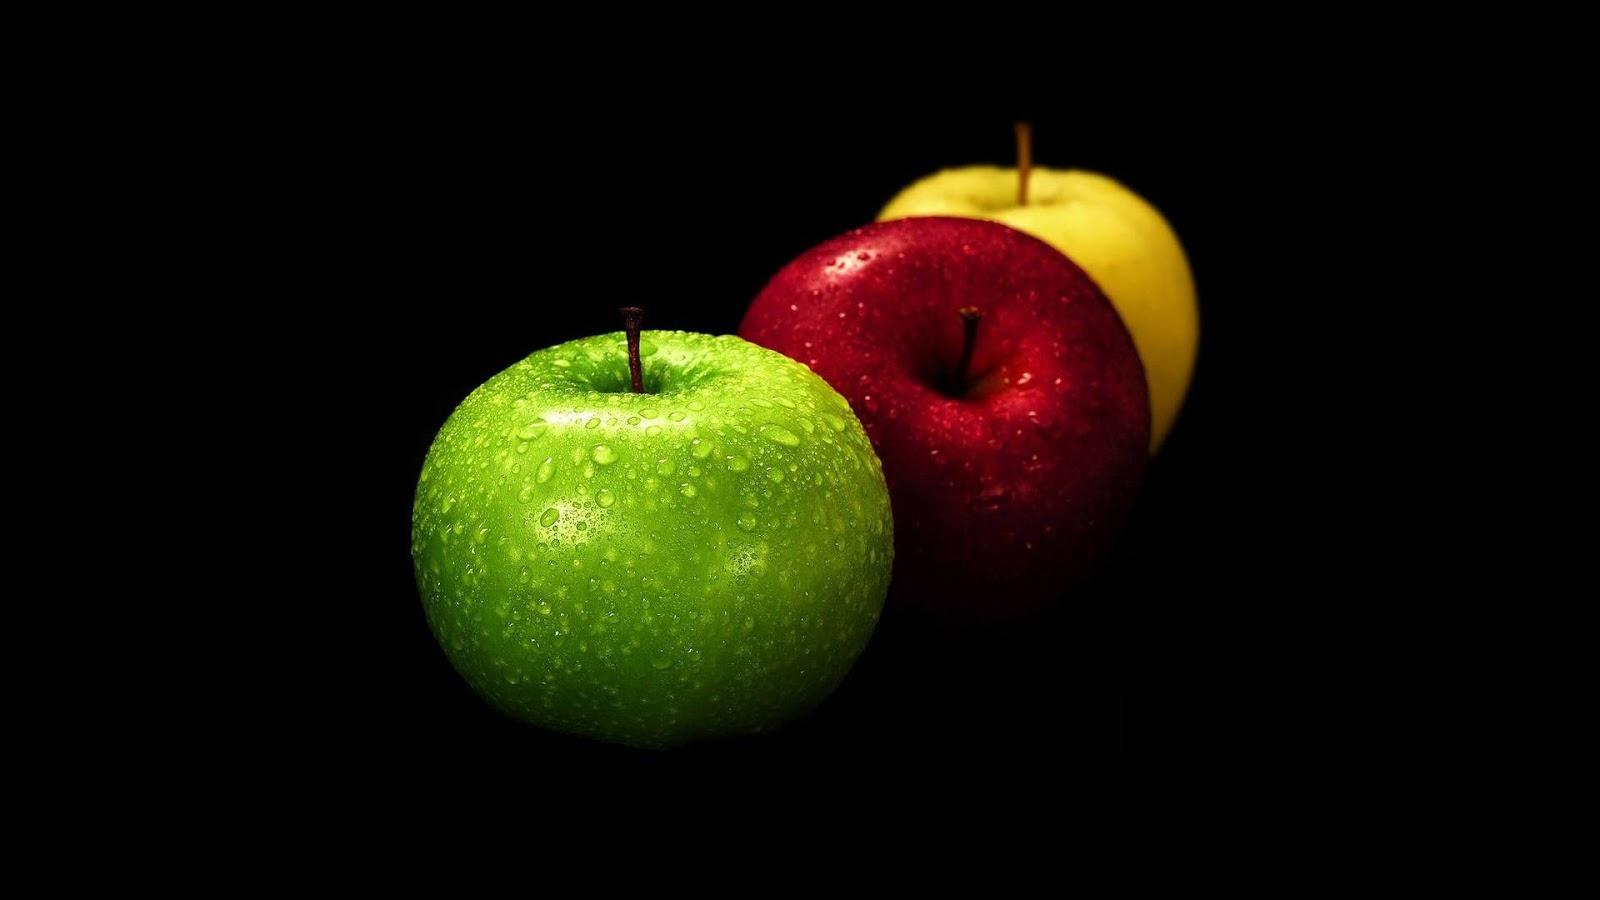 Fondo Fondos De Pantalla Verde Amarillo Y Rojo: Fondo De Pantalla Manzana Verde, Roja Y Amarilla